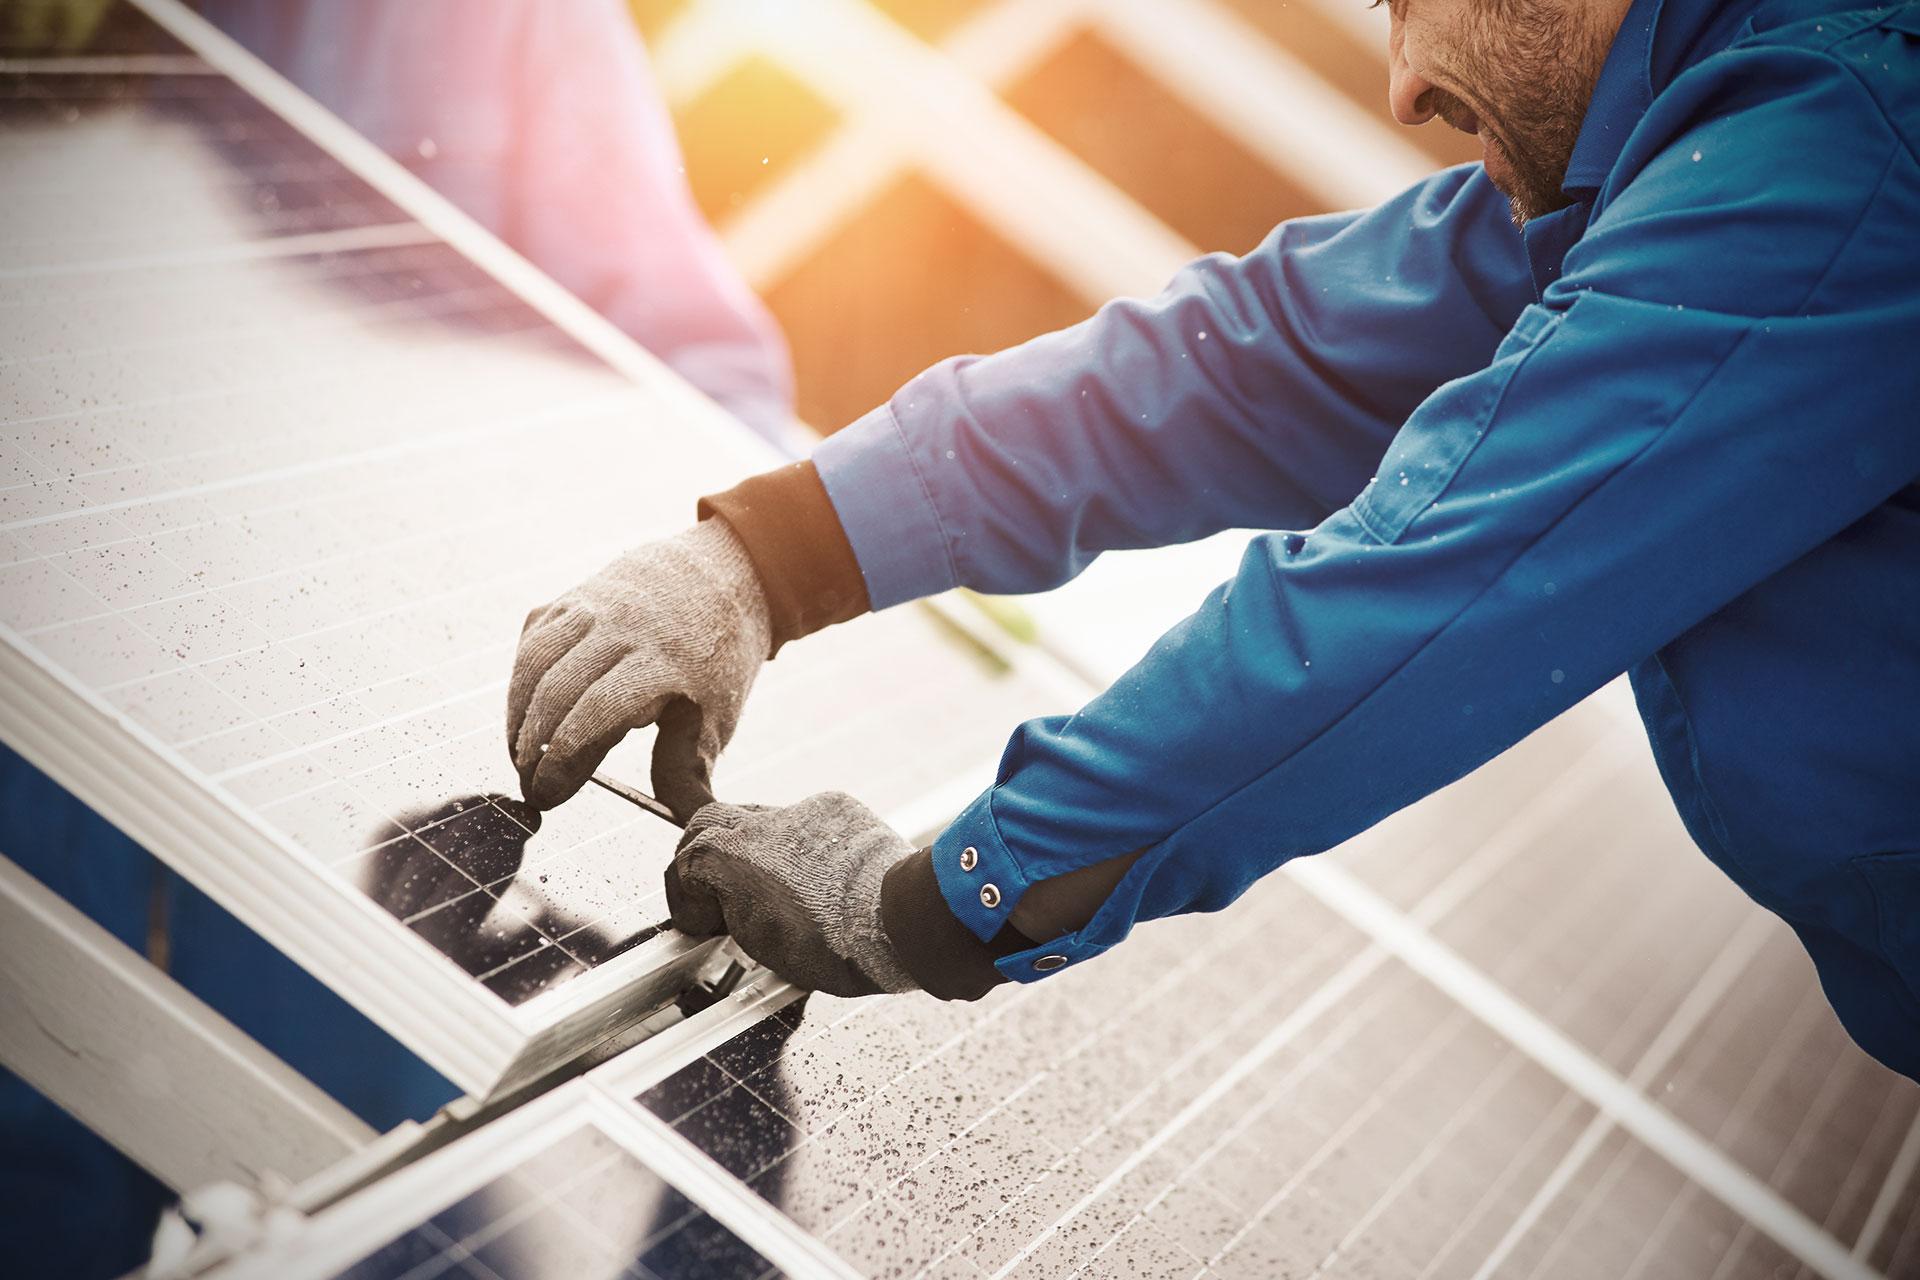 Pannelli Solari Termici Da Balcone quanto si risparmia con i pannelli solari? - residenze